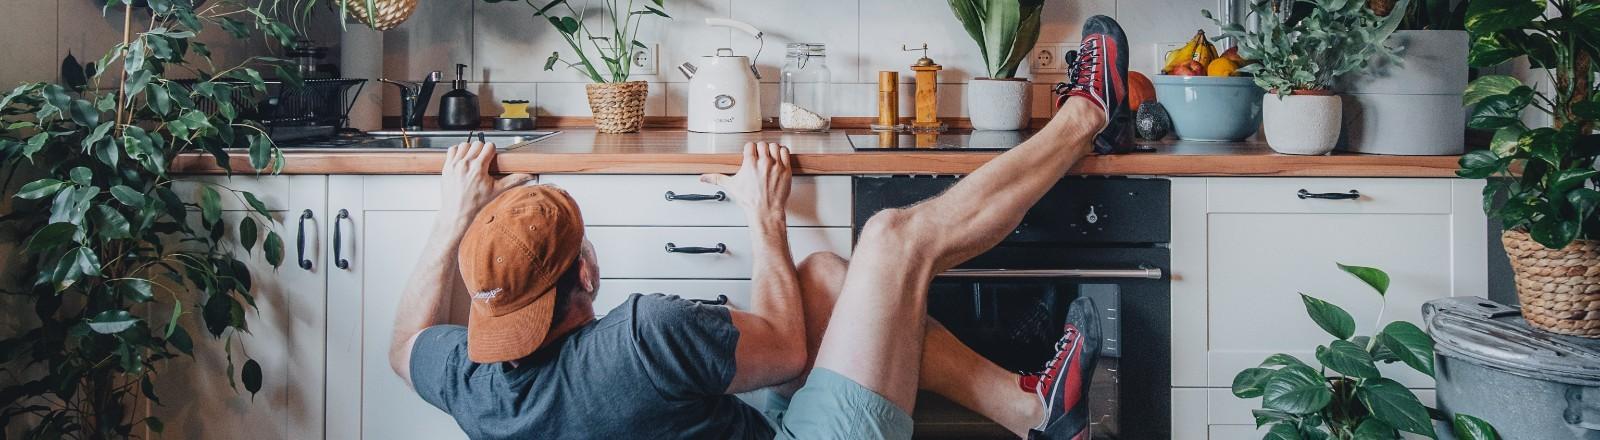 Ein Mann bouldert in seiner Küche